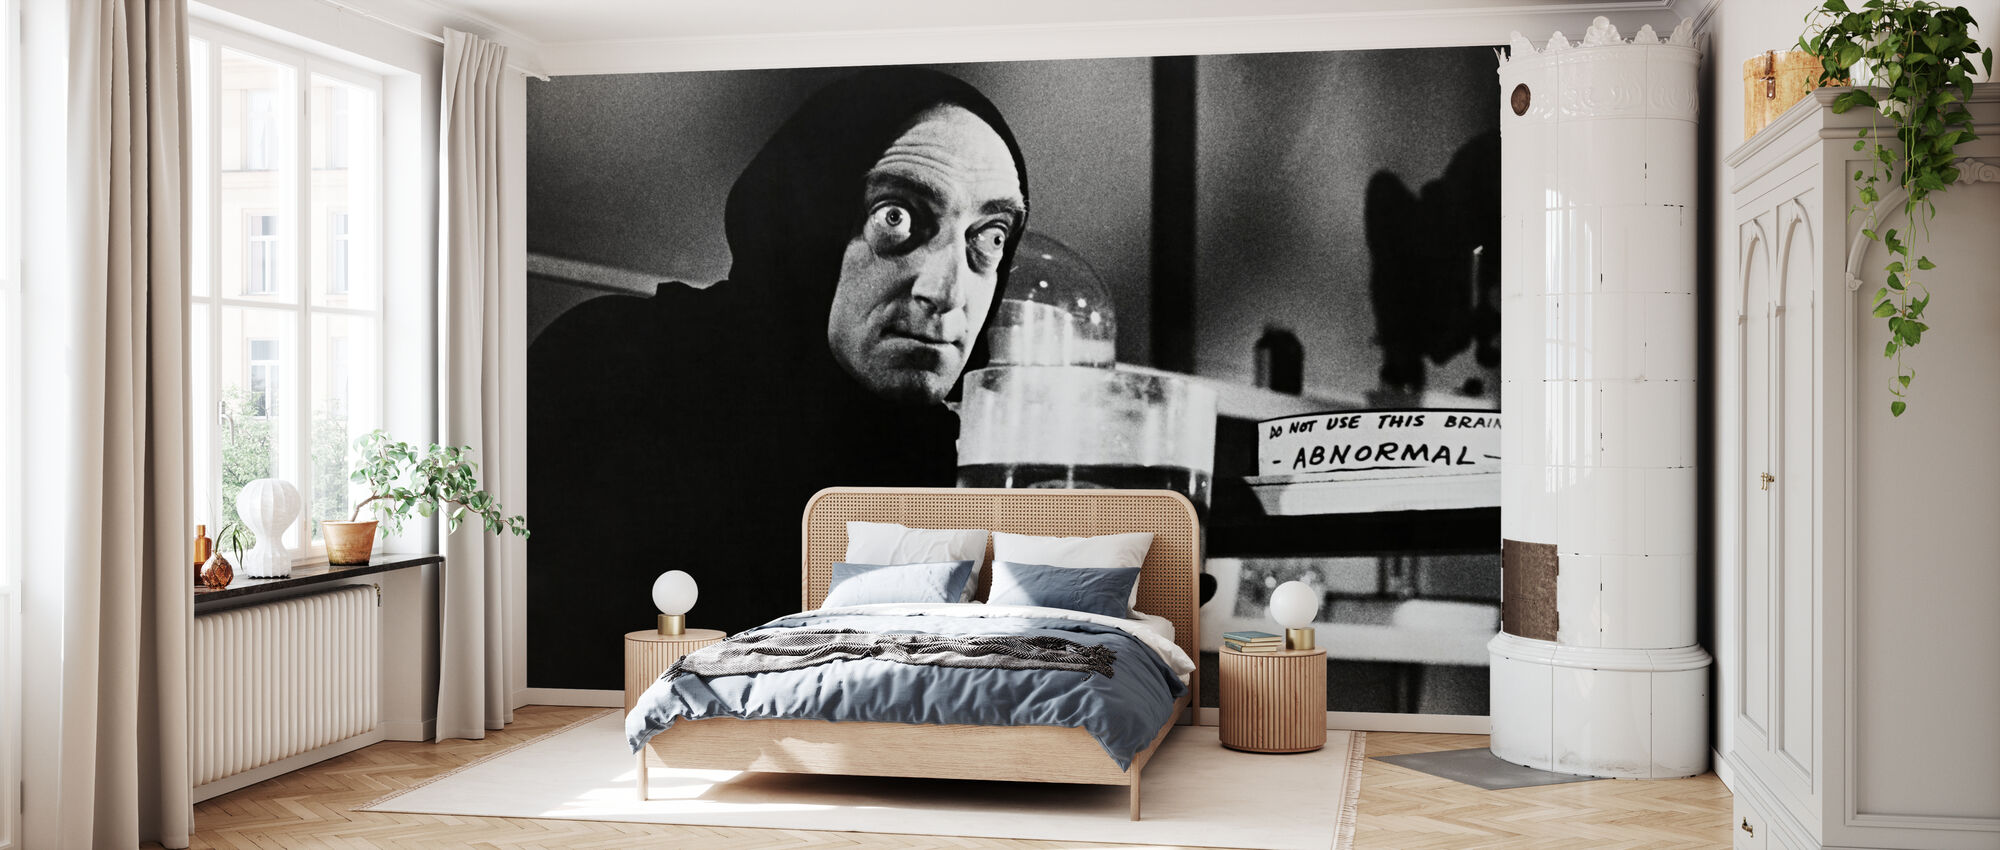 Young Frankenstein - Marty Feldman - Wallpaper - Bedroom